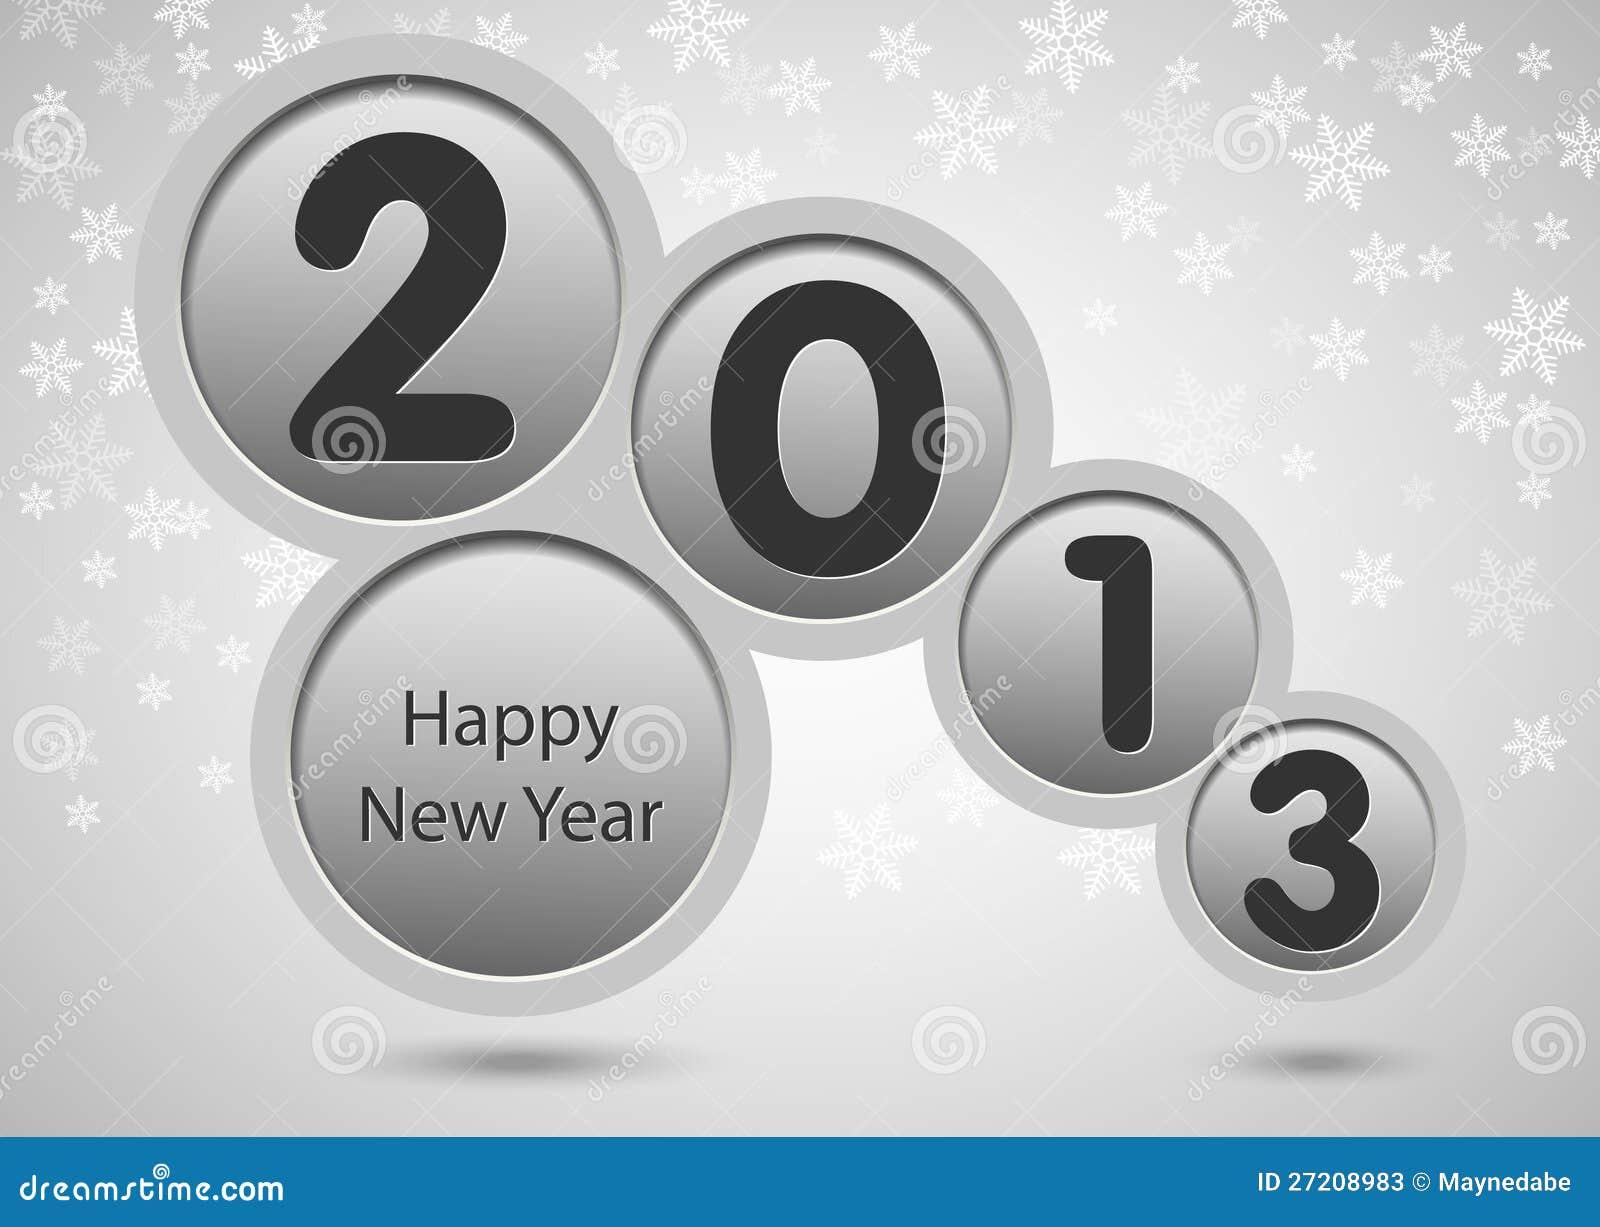 Nowy rok 2013 szczęśliwych kart